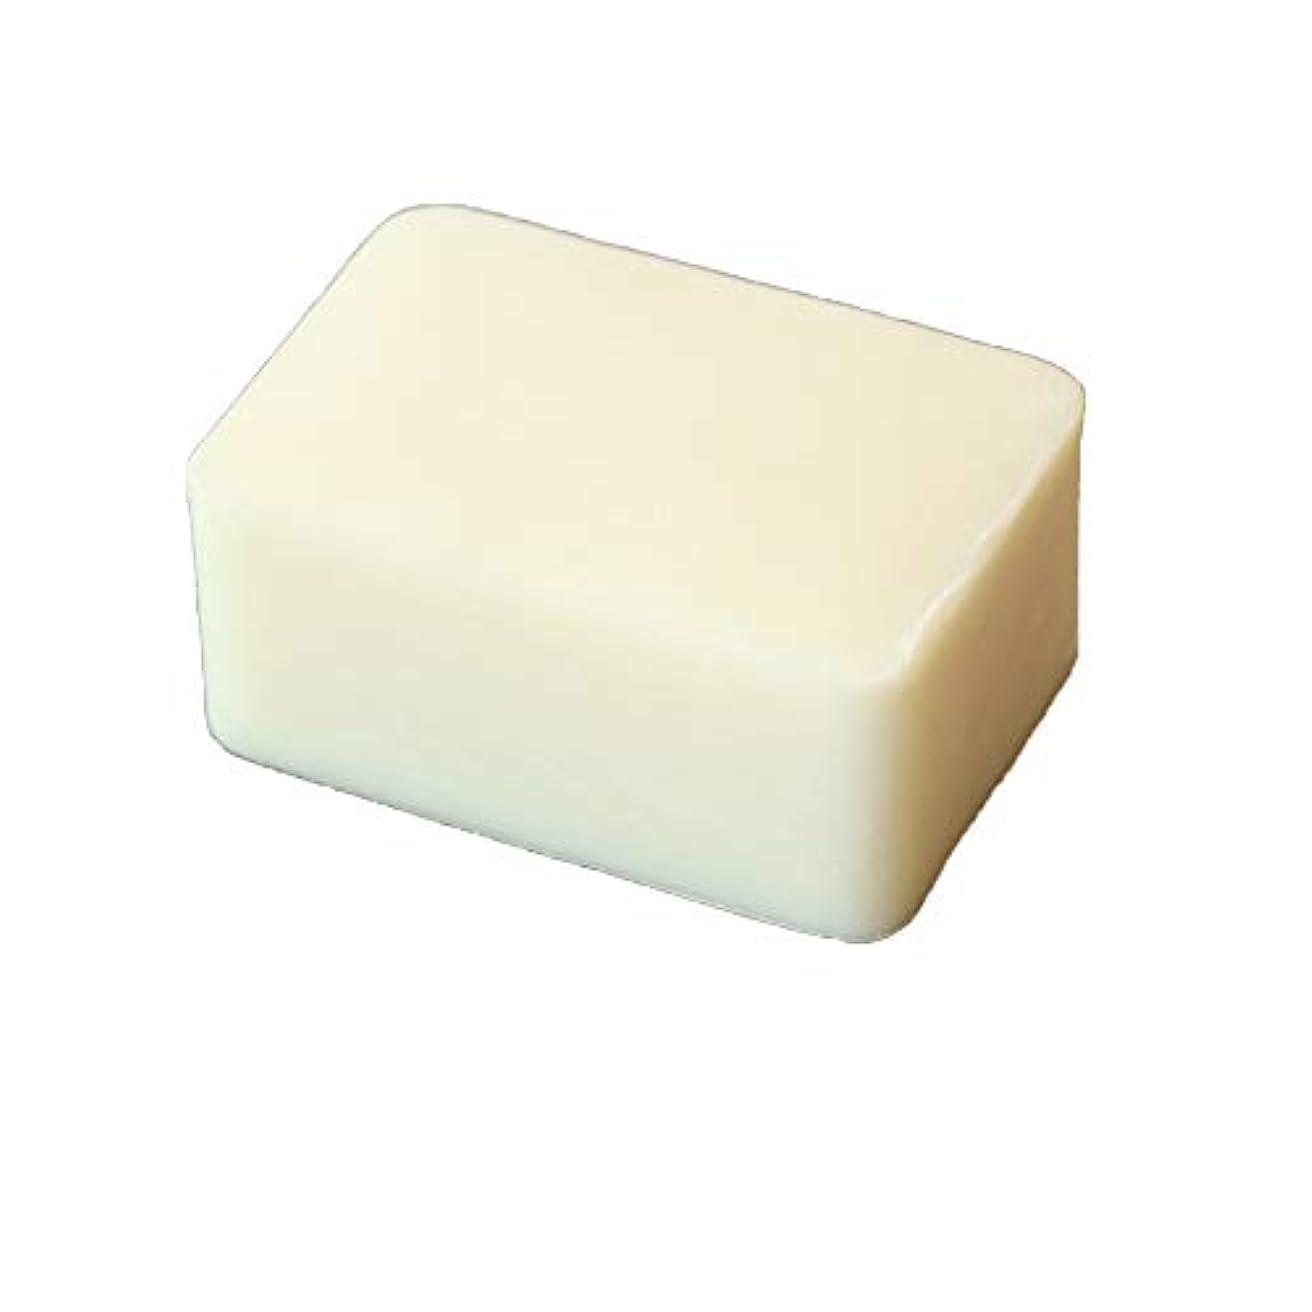 アレンジにんじん急勾配の【絹屋】絹の石鹸(5468)